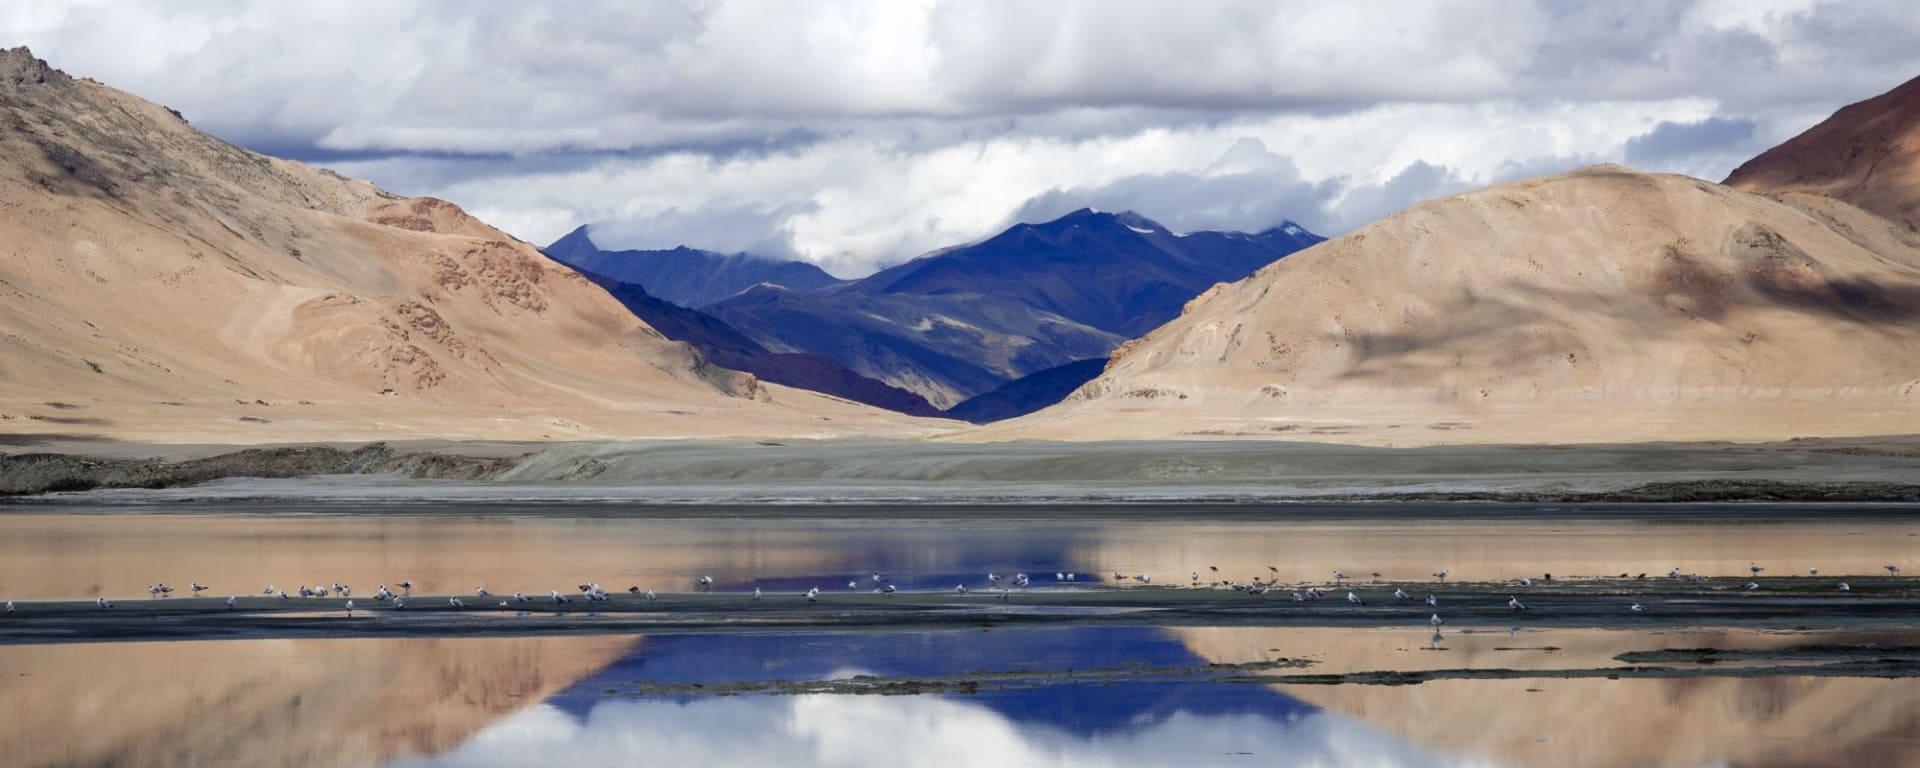 Les montagnes spectaculaires de Ladakh de Leh: Ladakh: Tso Kar Lake